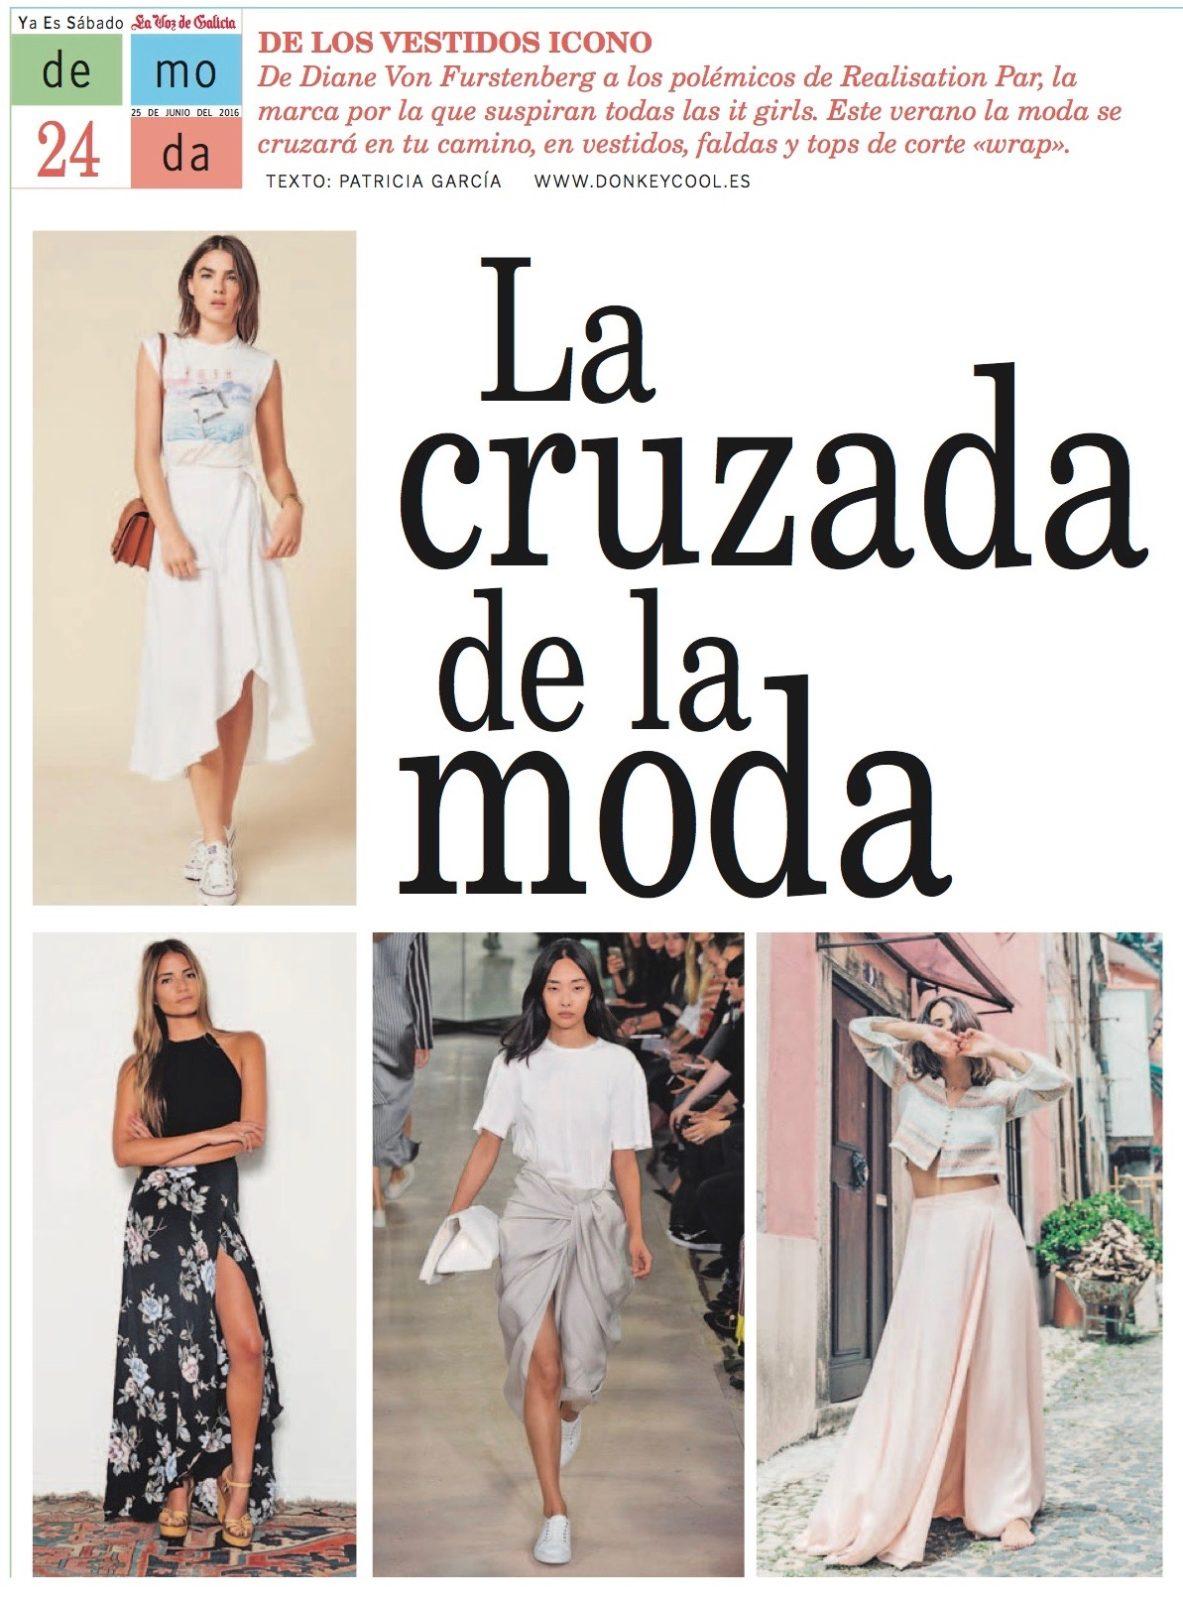 moda_cruzada_1